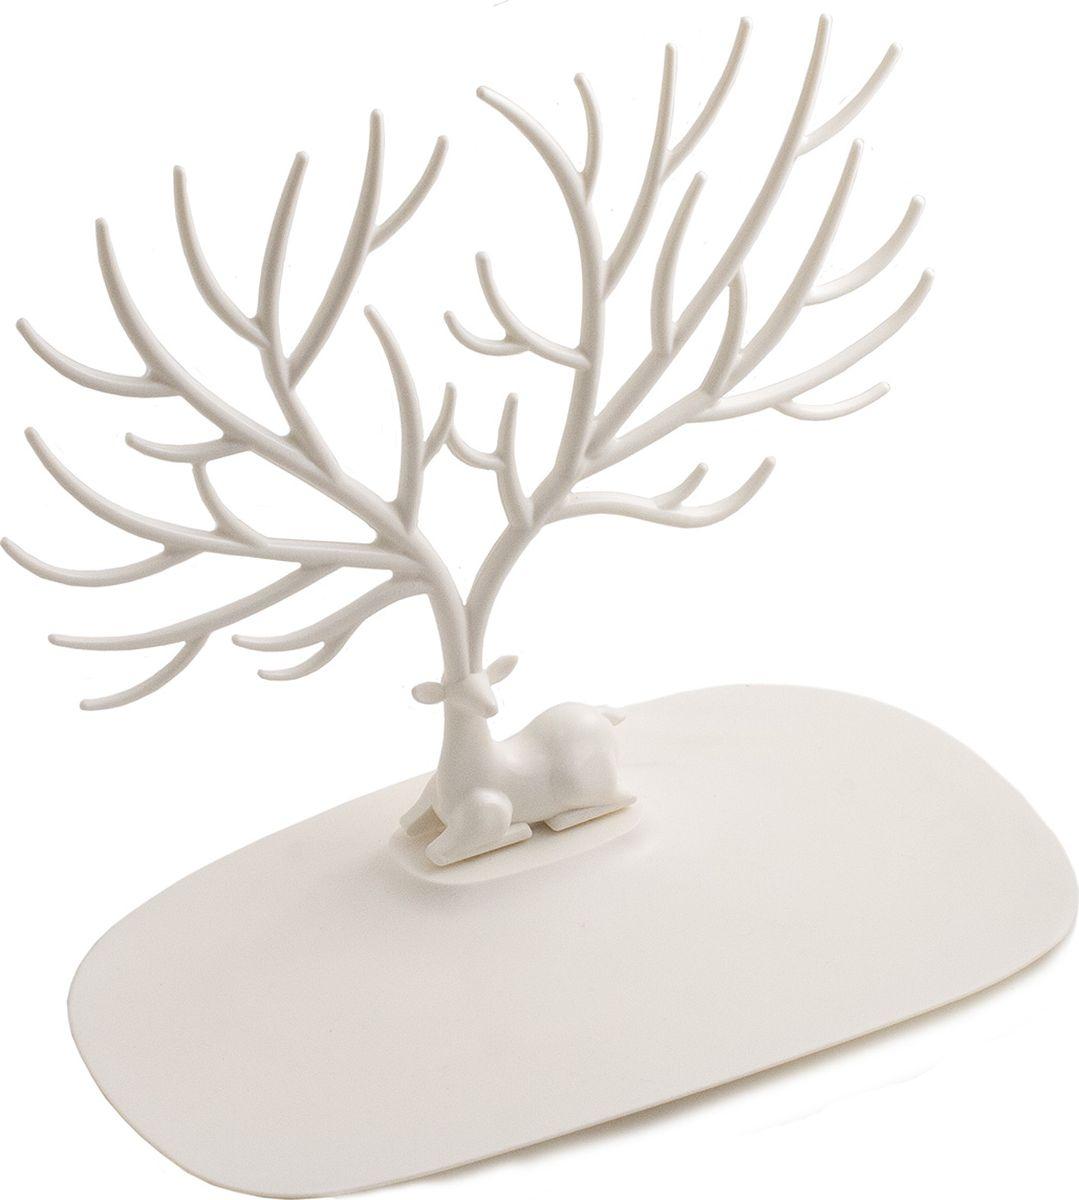 Кольцедержатель Эврика Олень. Малые рога, цвет: белый. 97550 archpole настенные рога с головой дорогой олень